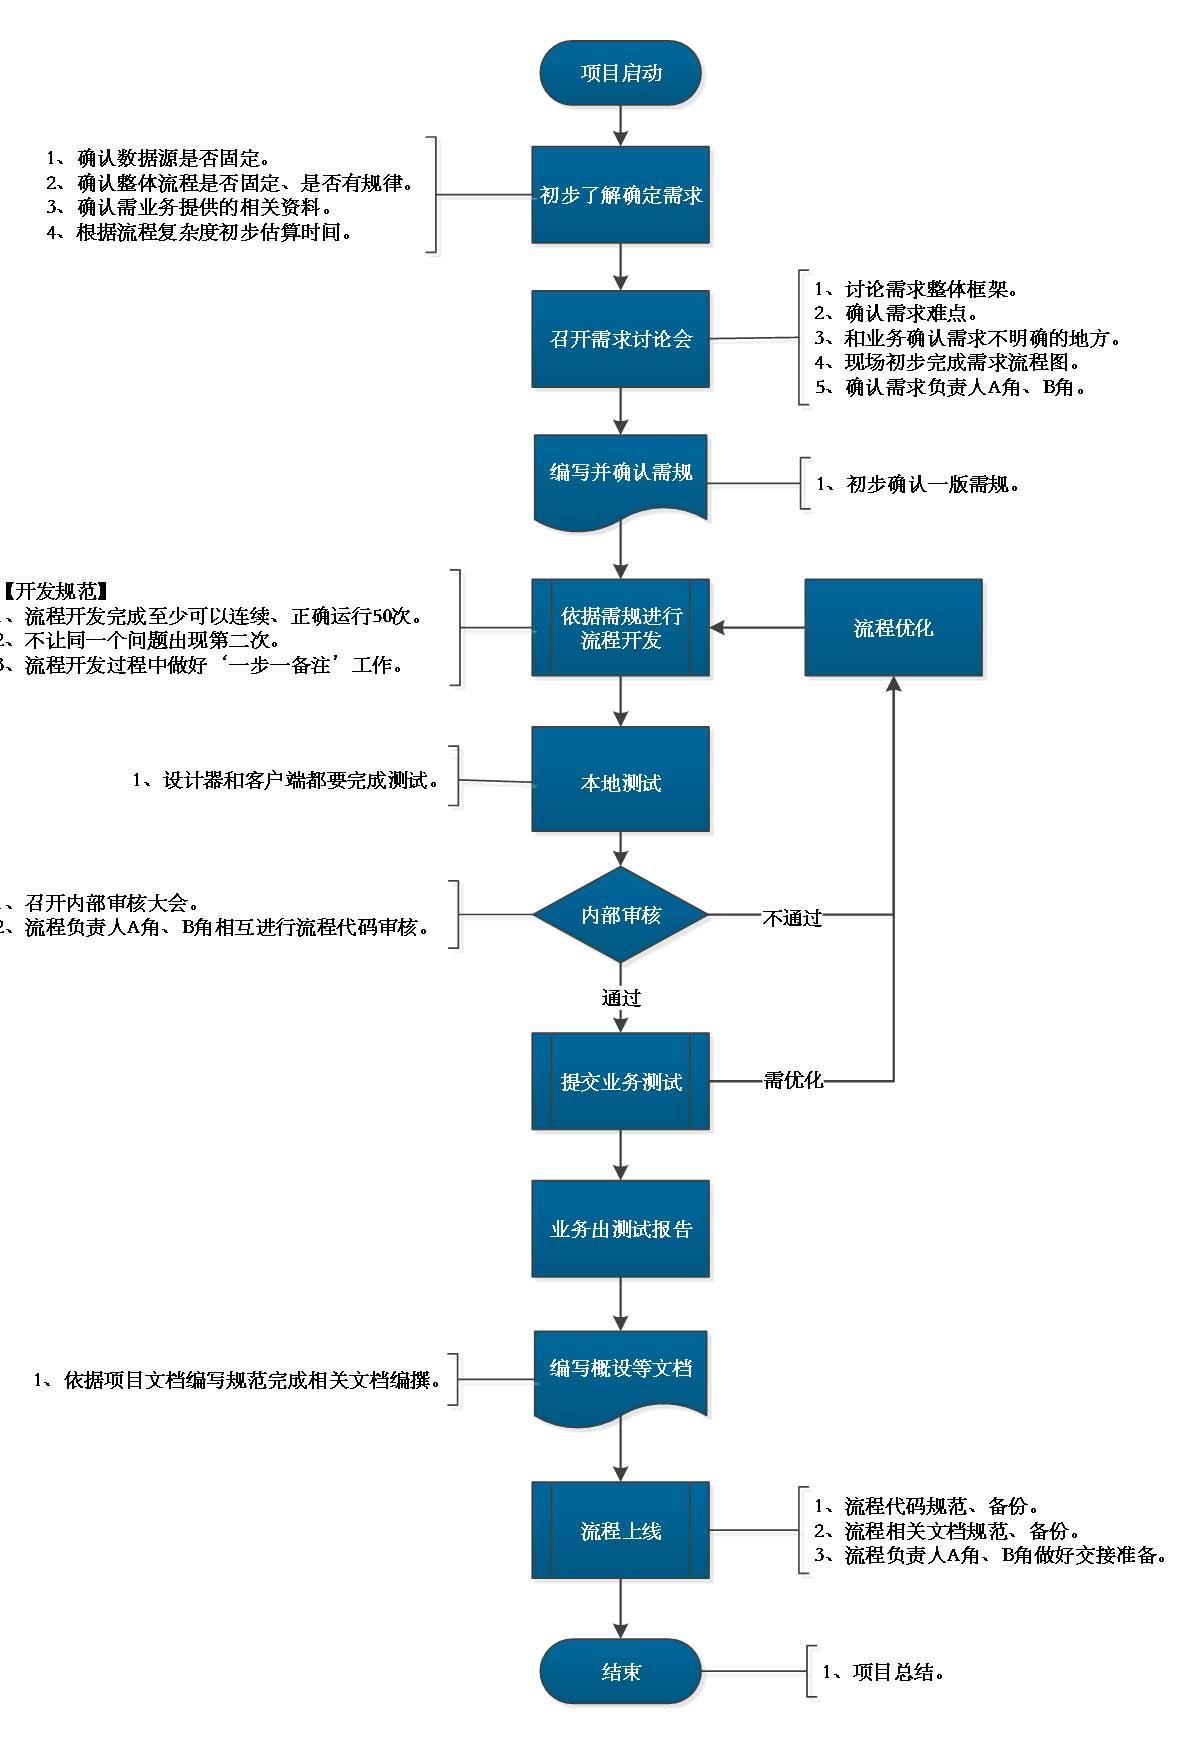 【完整版】某银行 RPA 流程开发规范 V 2.4